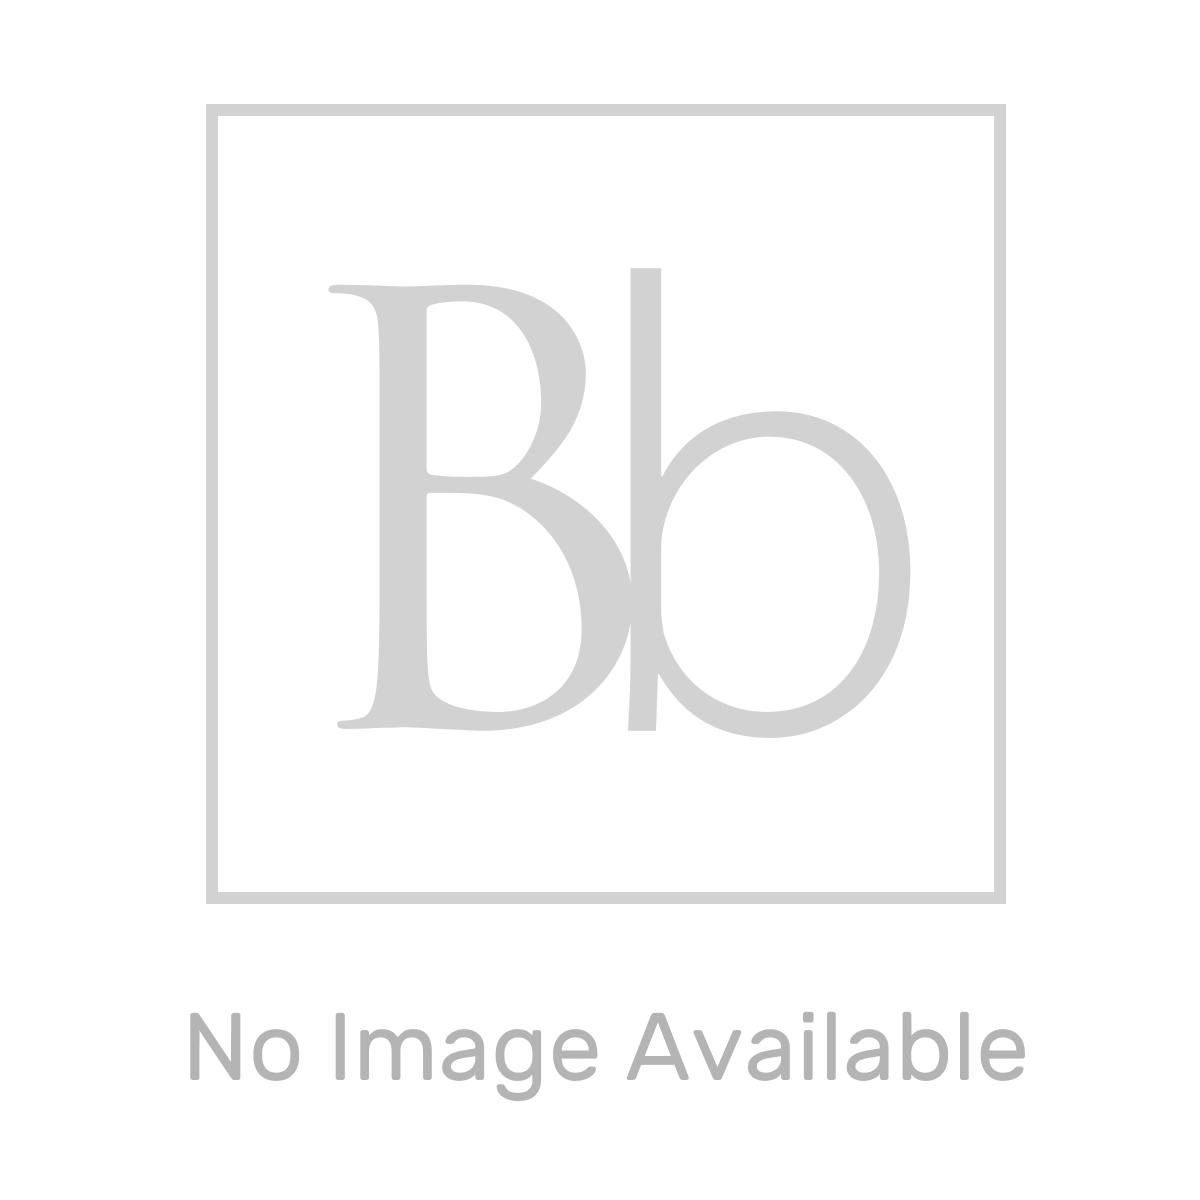 BTL Alba Light Grey Gloss Mirror Cabinet 600mm